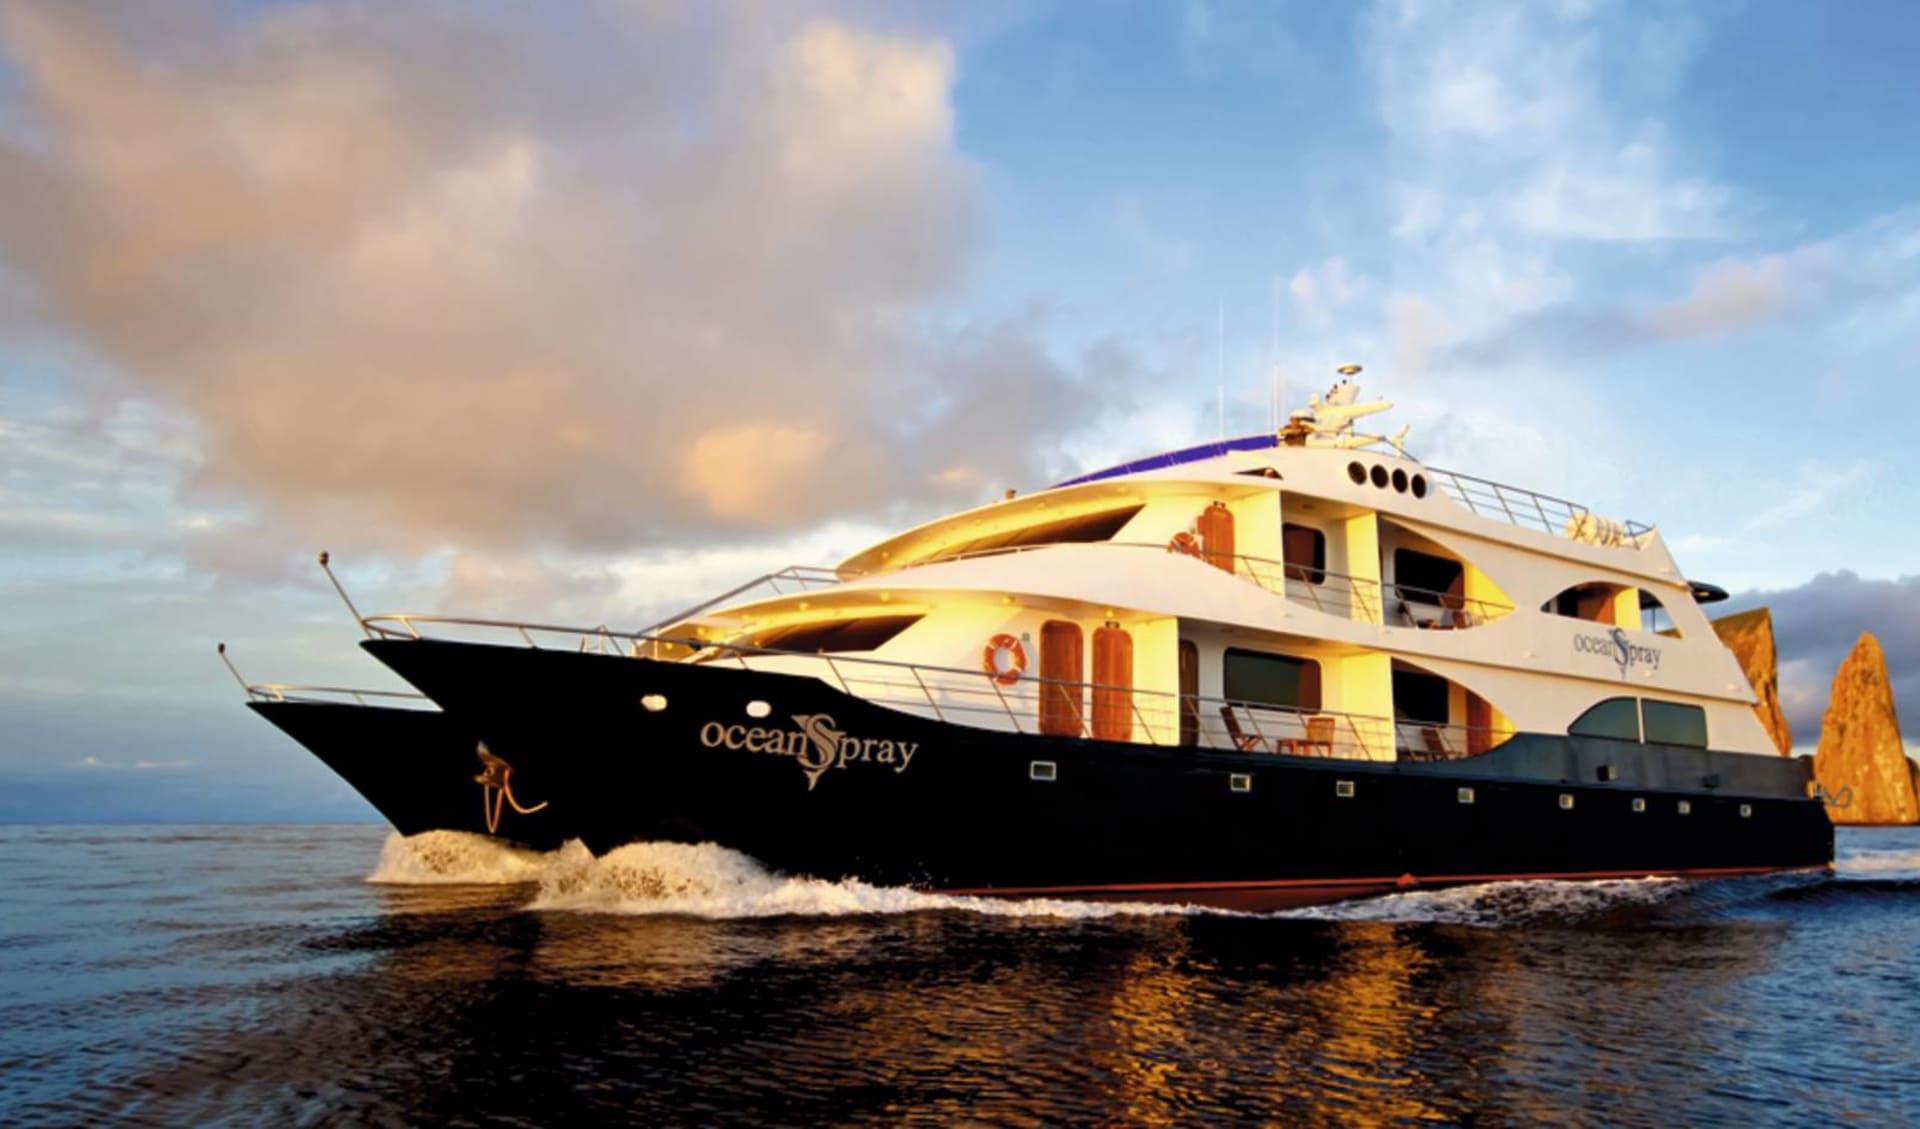 M/C Ocean Spray ab Kreuzfahrten: exterior: MC Ocean Spray auf See